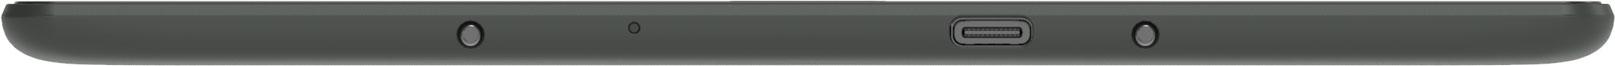 Onyx Boox Note 3 cienki jak zeszyt